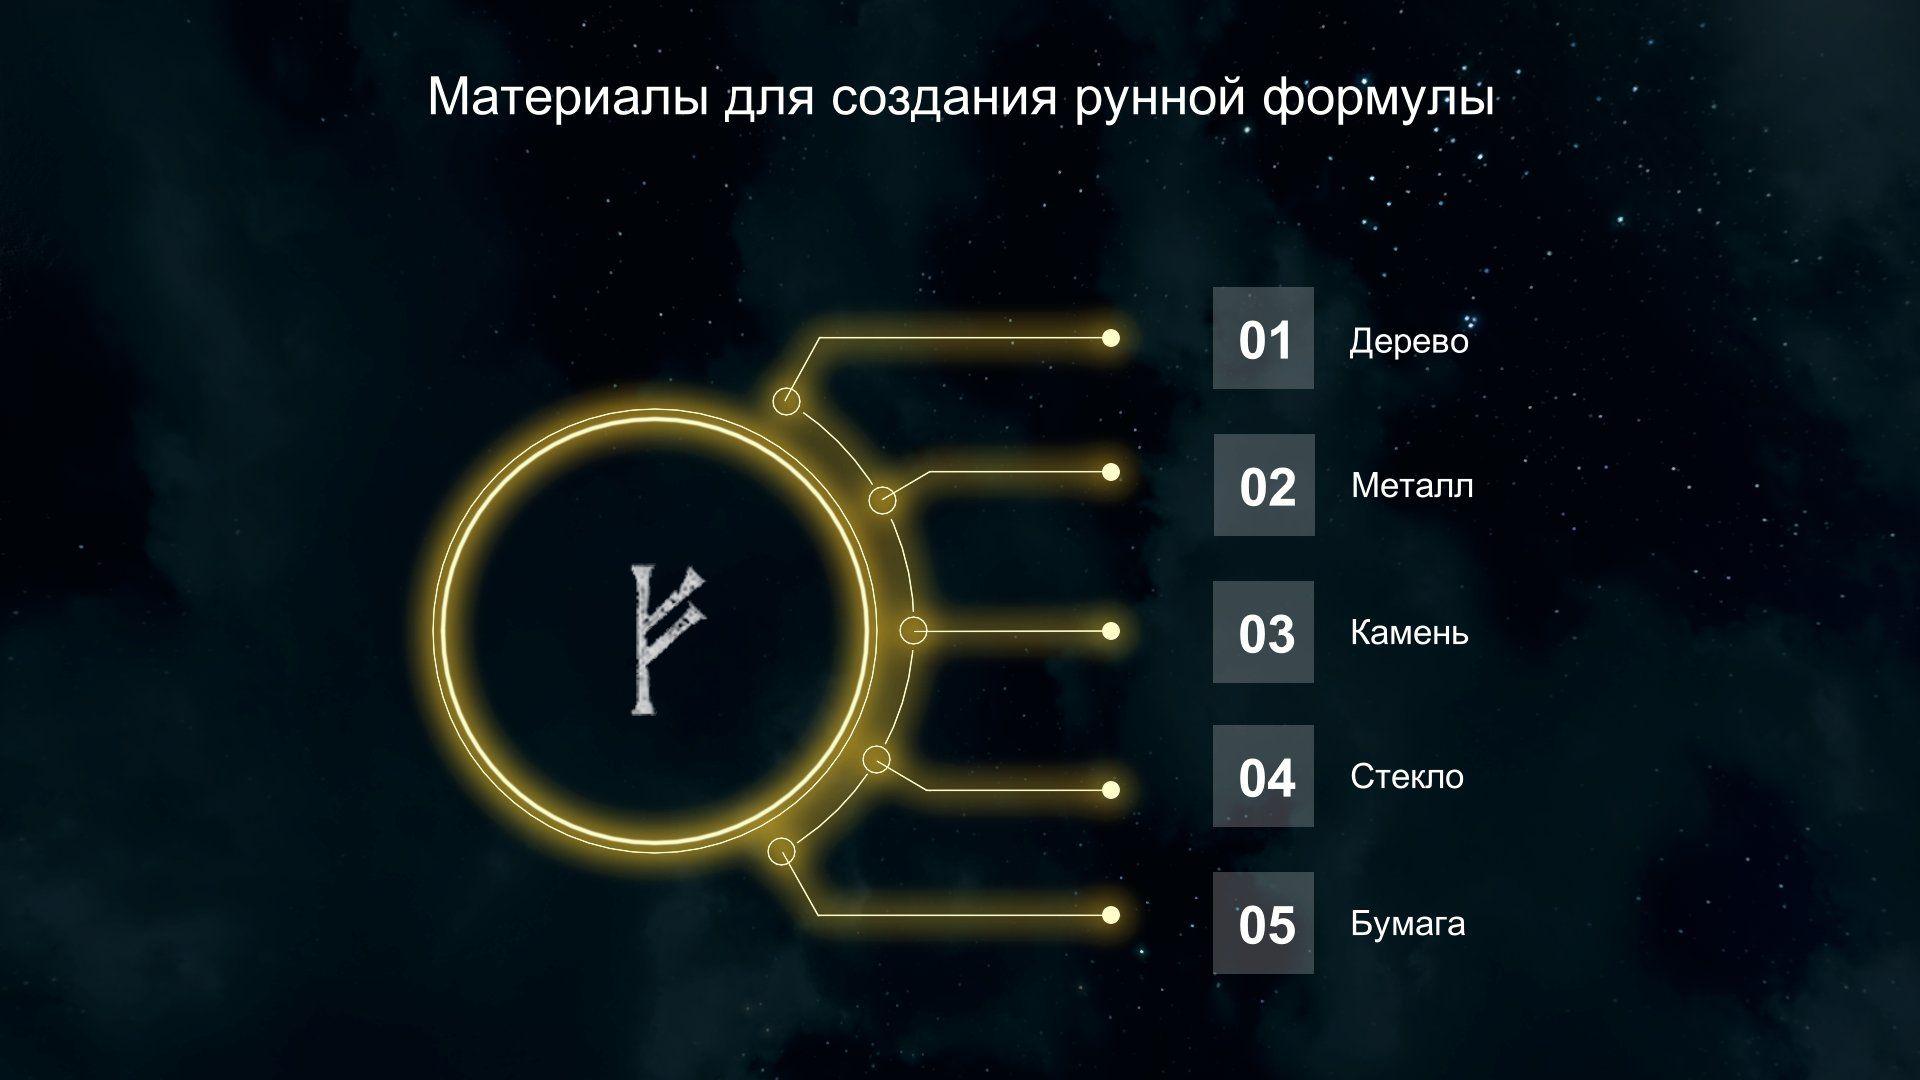 Материалы для создания рунной формулы